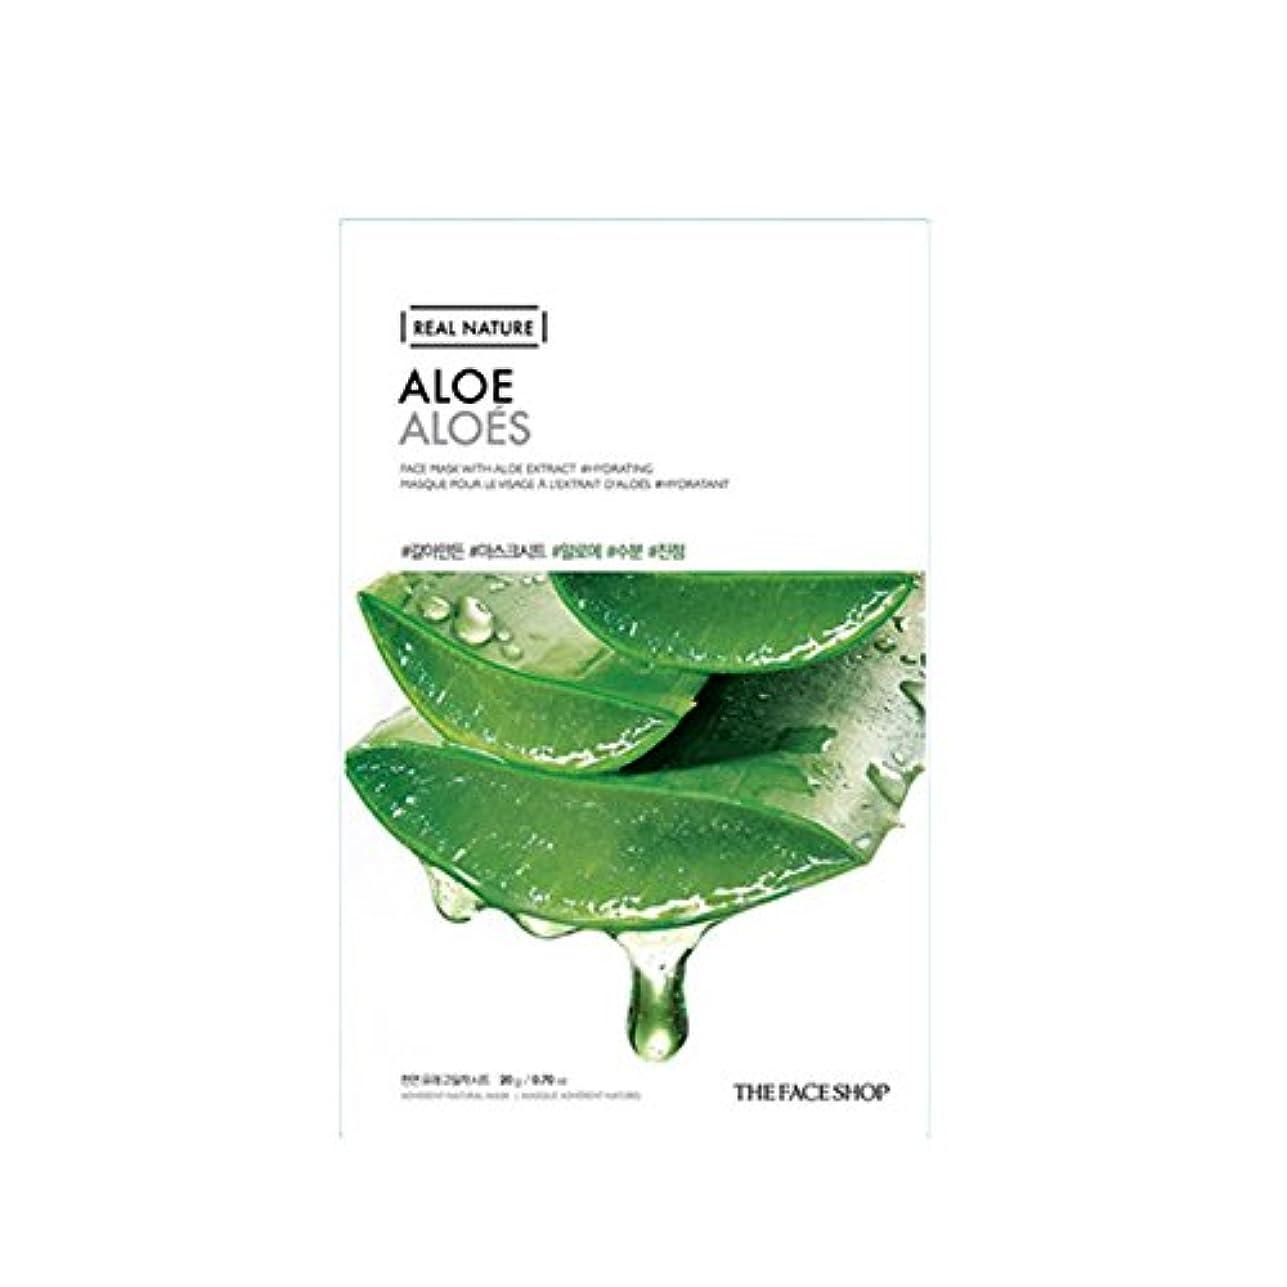 ヒューマニスティック被害者ウミウシ[The Face Shop] ザフェイスショップ リアルネイチャーマスクシート Real Nature Mask Sheet (Aloe (アロエ) 10個) [並行輸入品]